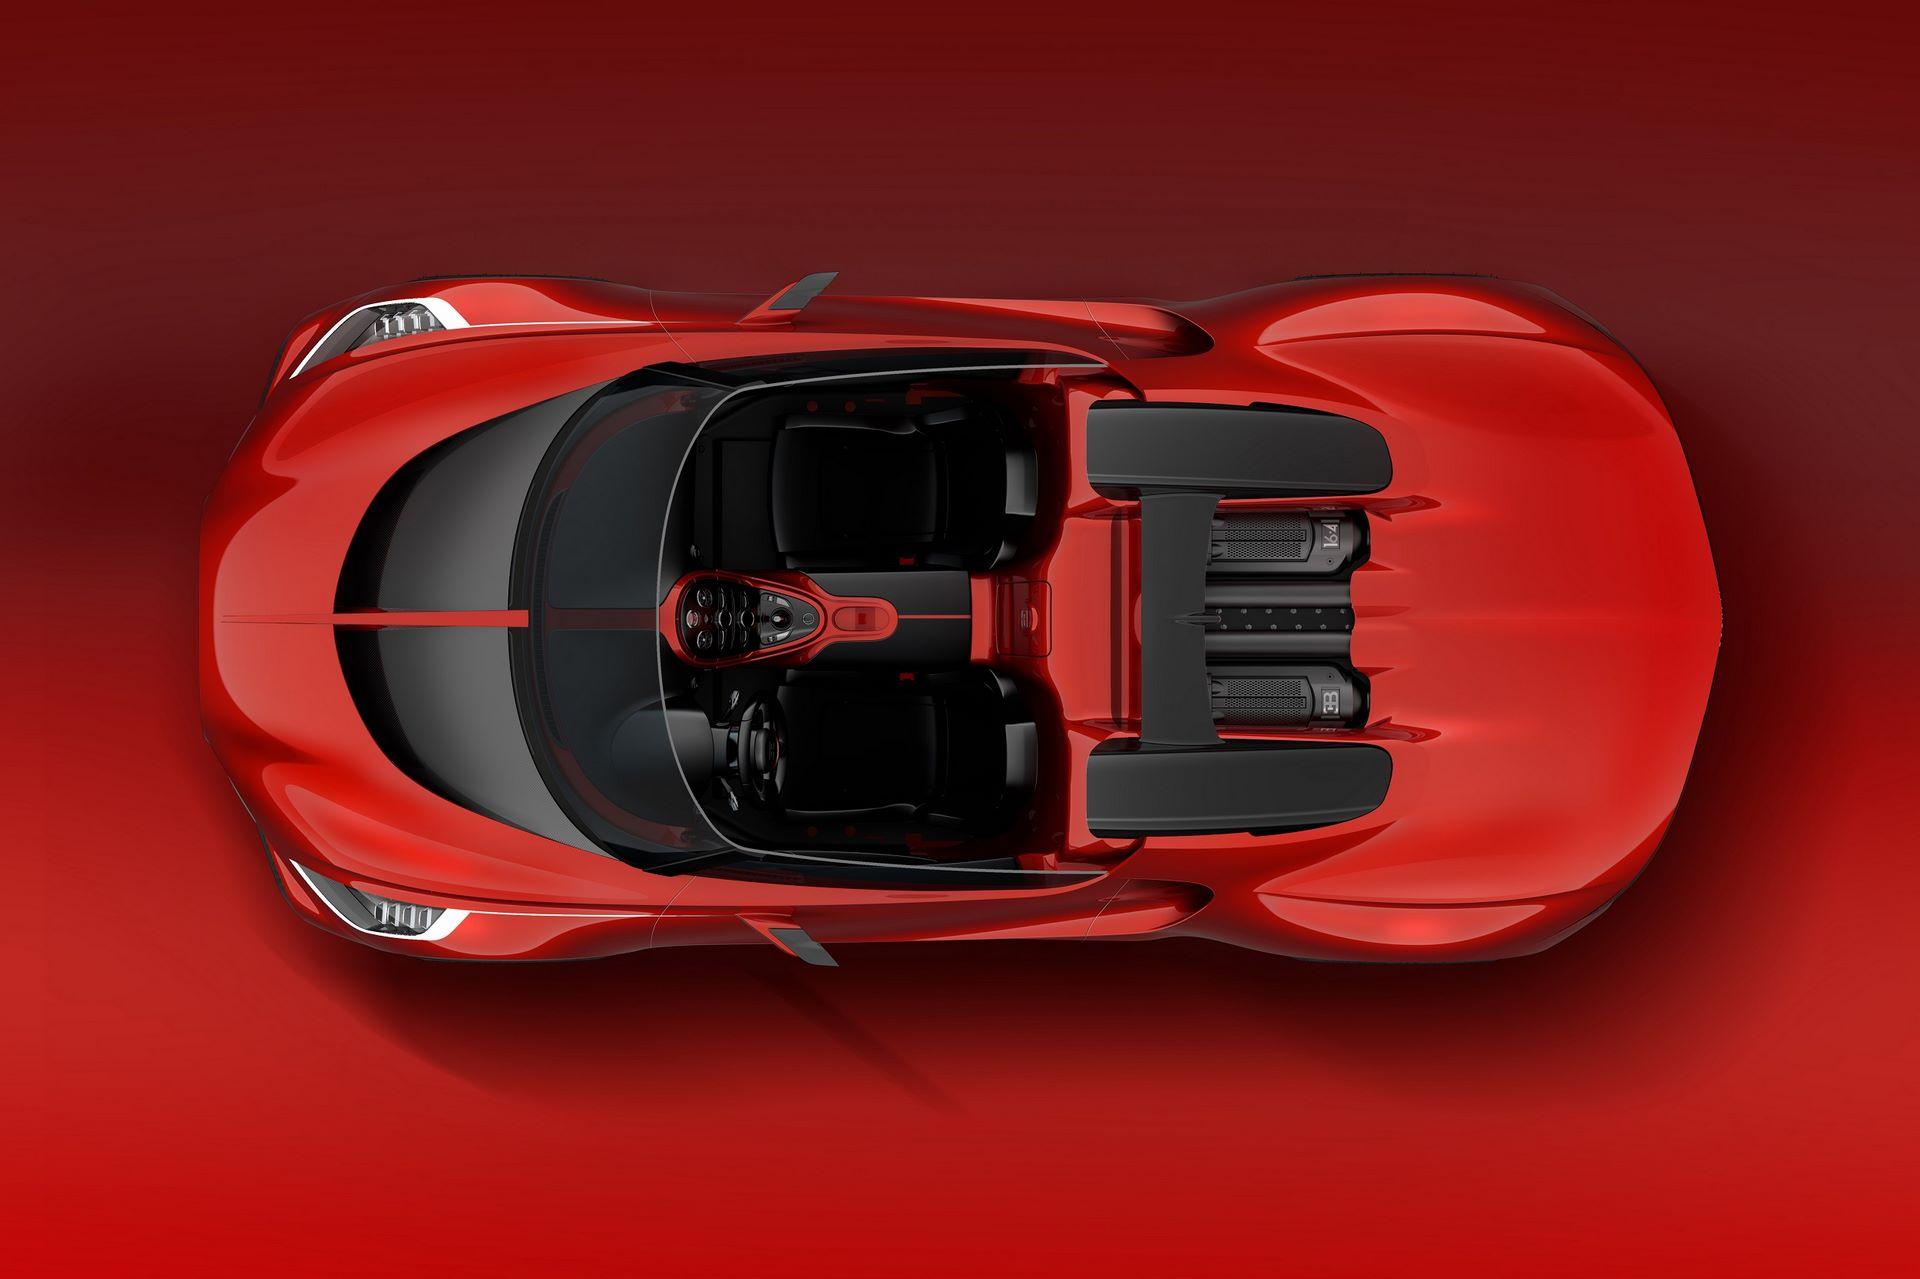 bugatti-veyron-barchetta-5